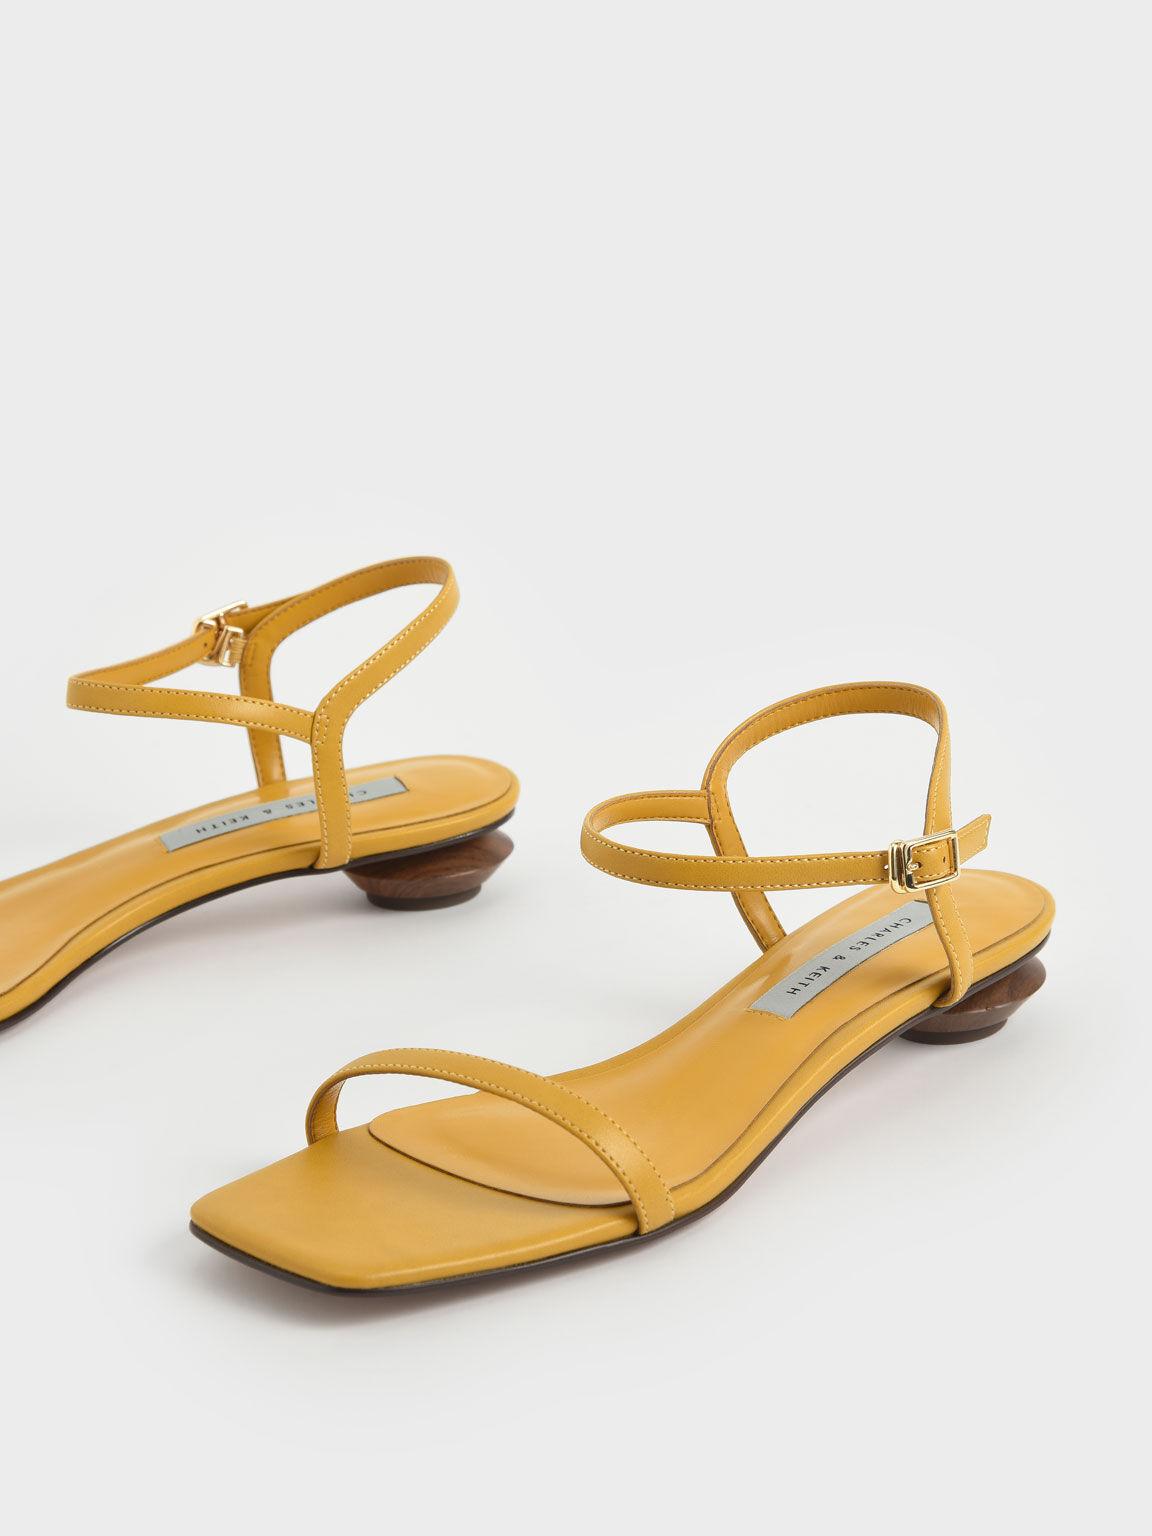 Sandal Sculptural Heel Ankle Strap, Mustard, hi-res